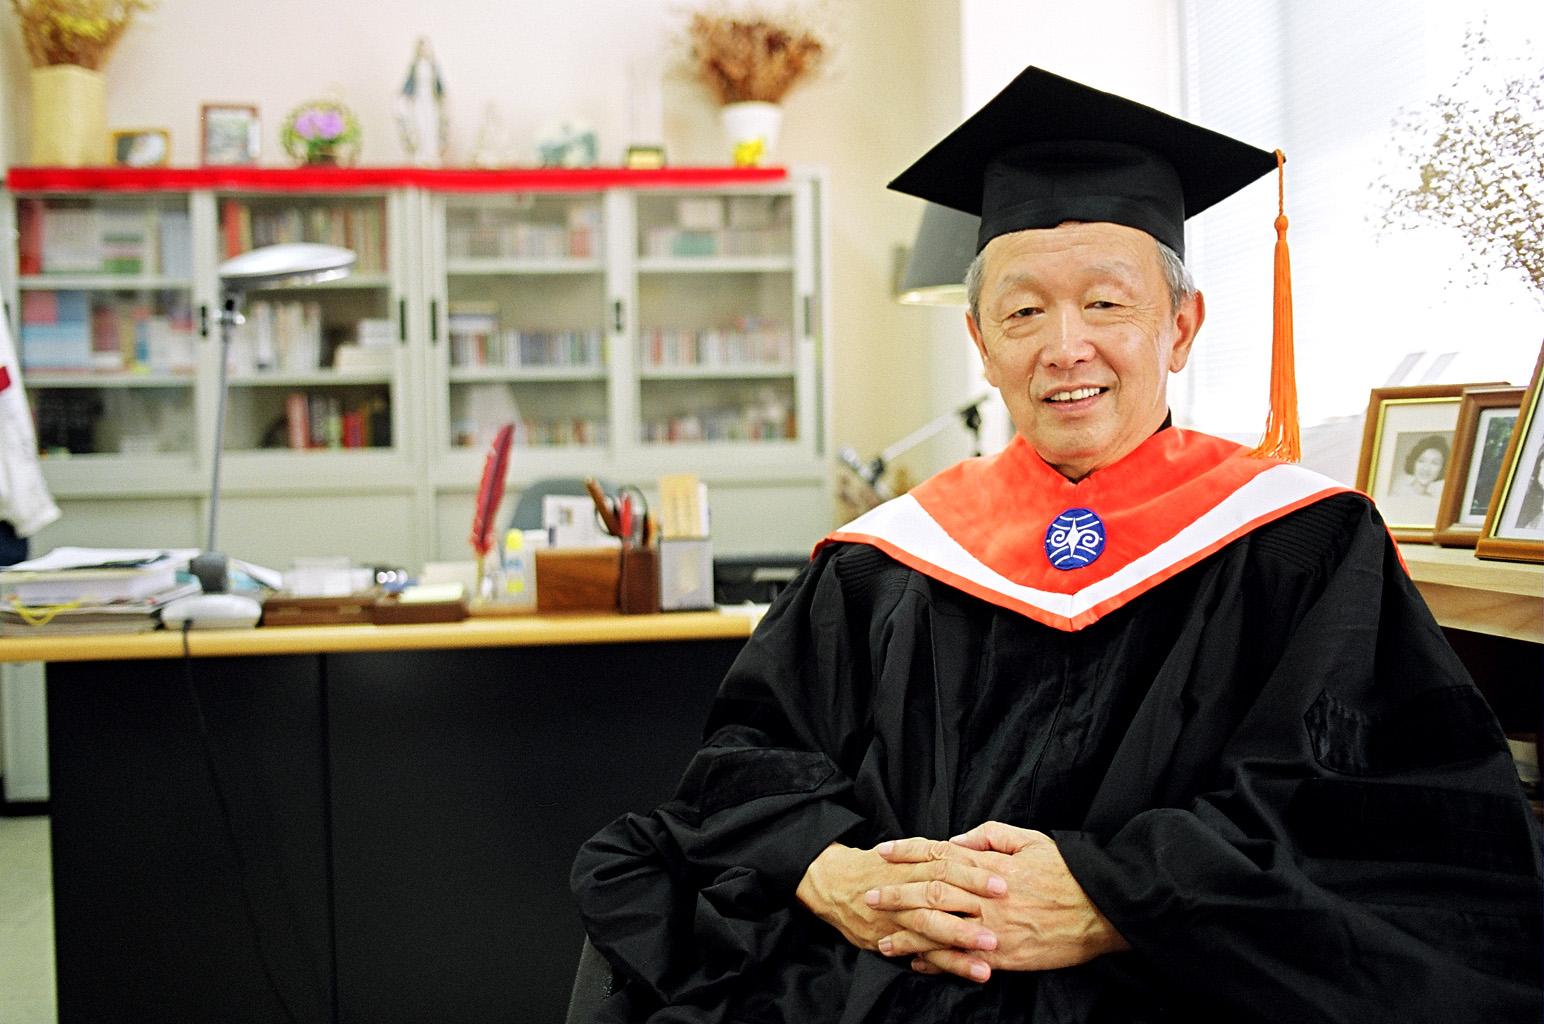 李家同教授蒞校演說 談人類面臨的重大問題